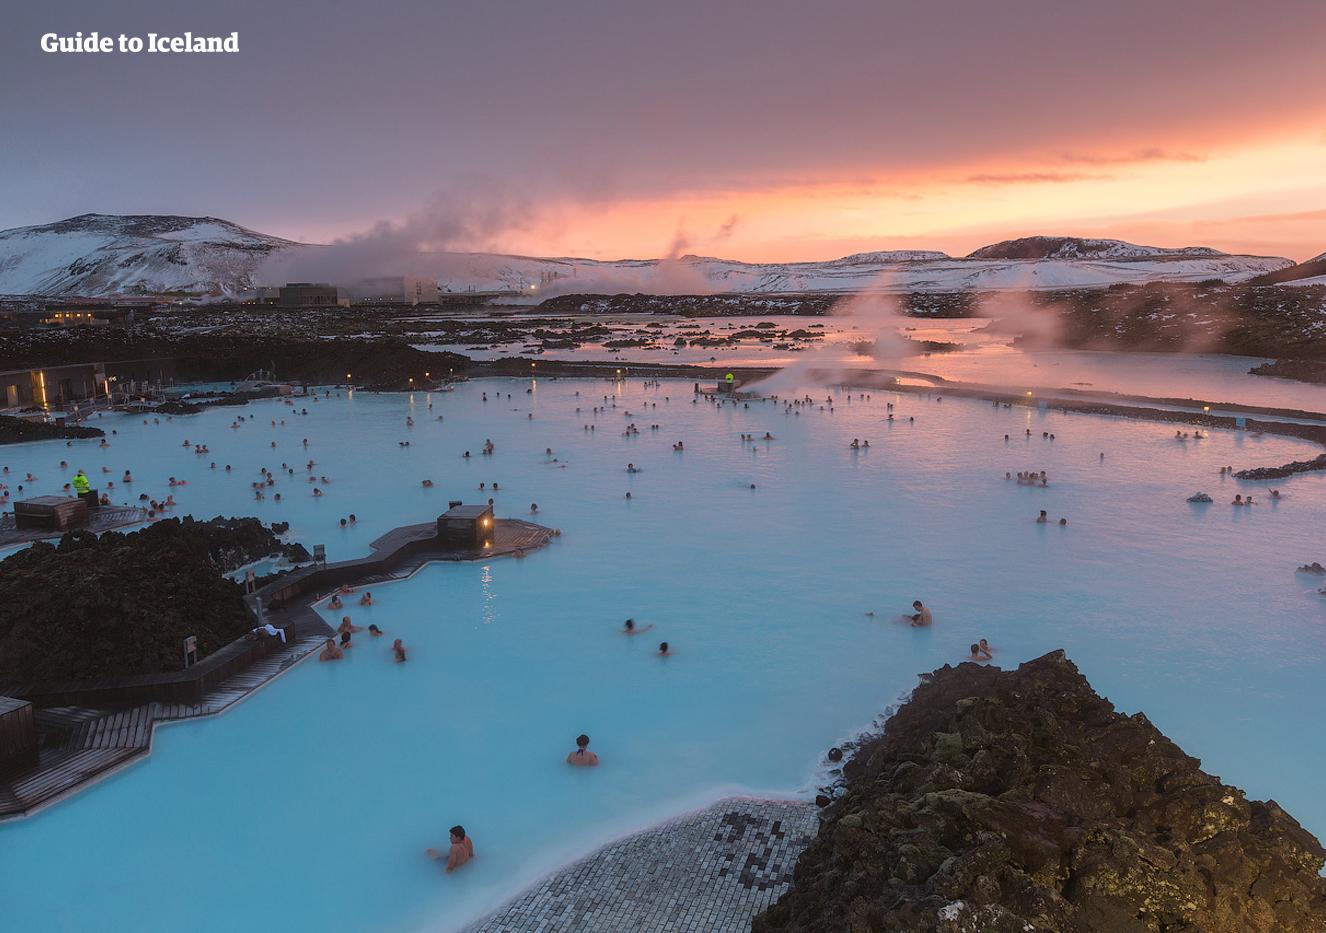 冰岛的蓝湖是许多旅行者梦寐以求的景点